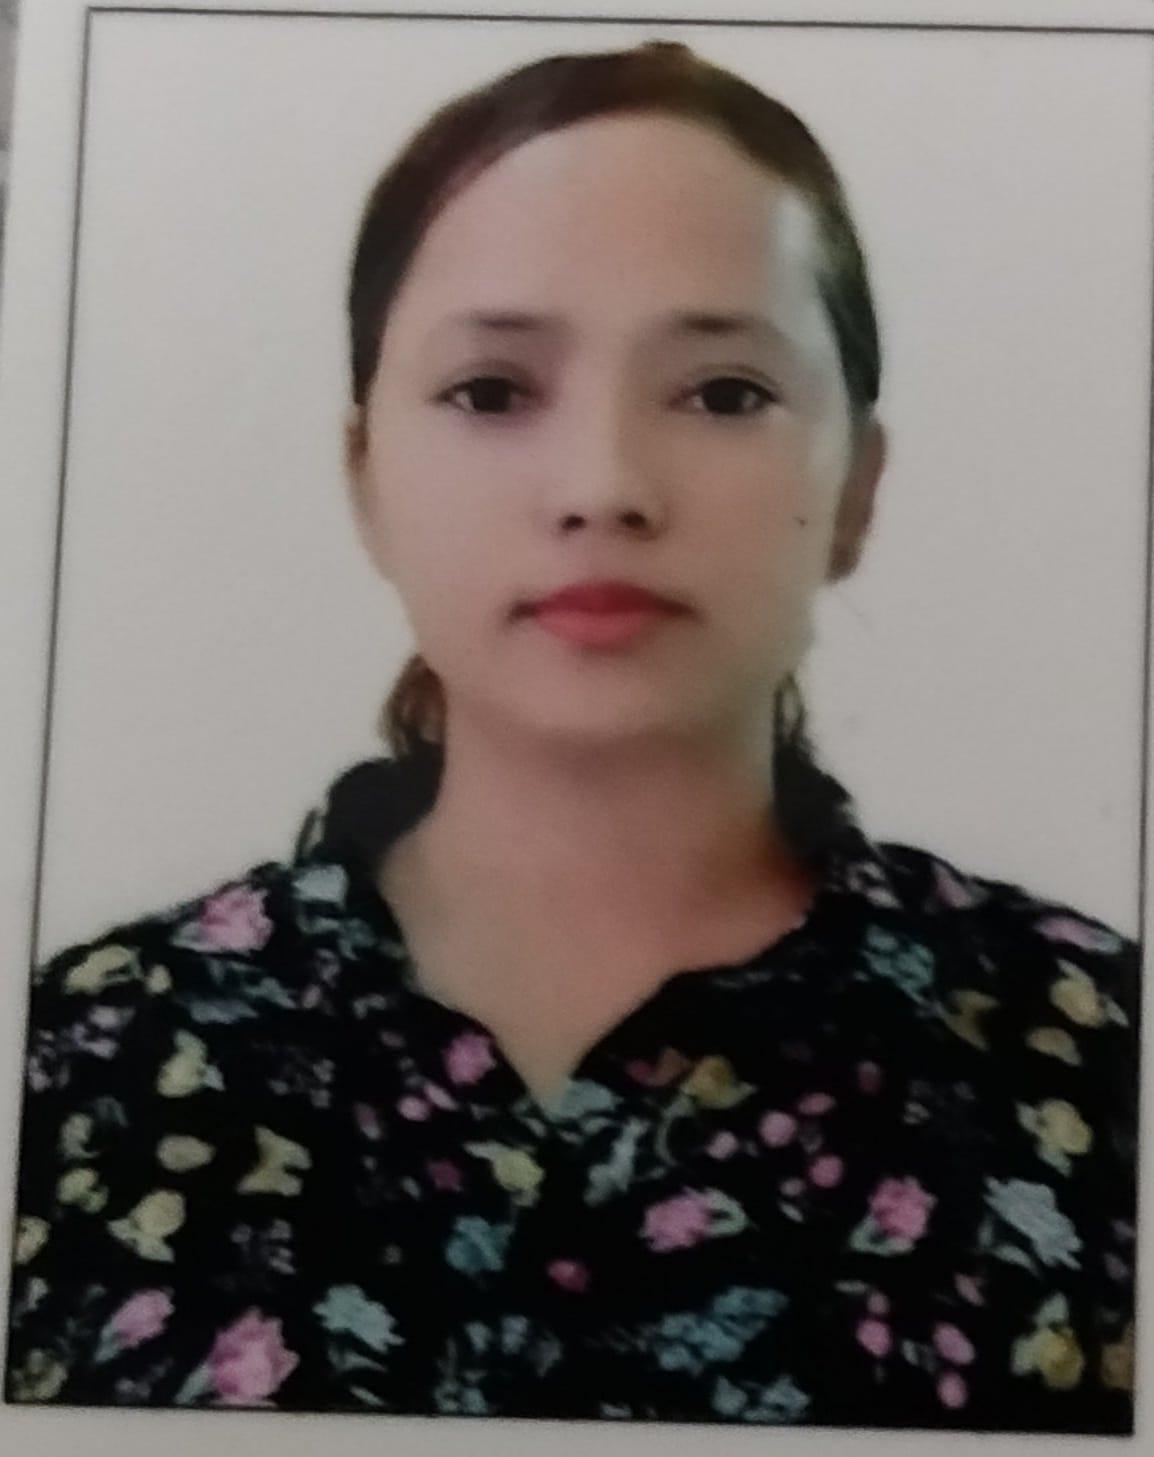 Menuka khatri chhetri_IM_2021070203583411.jpg